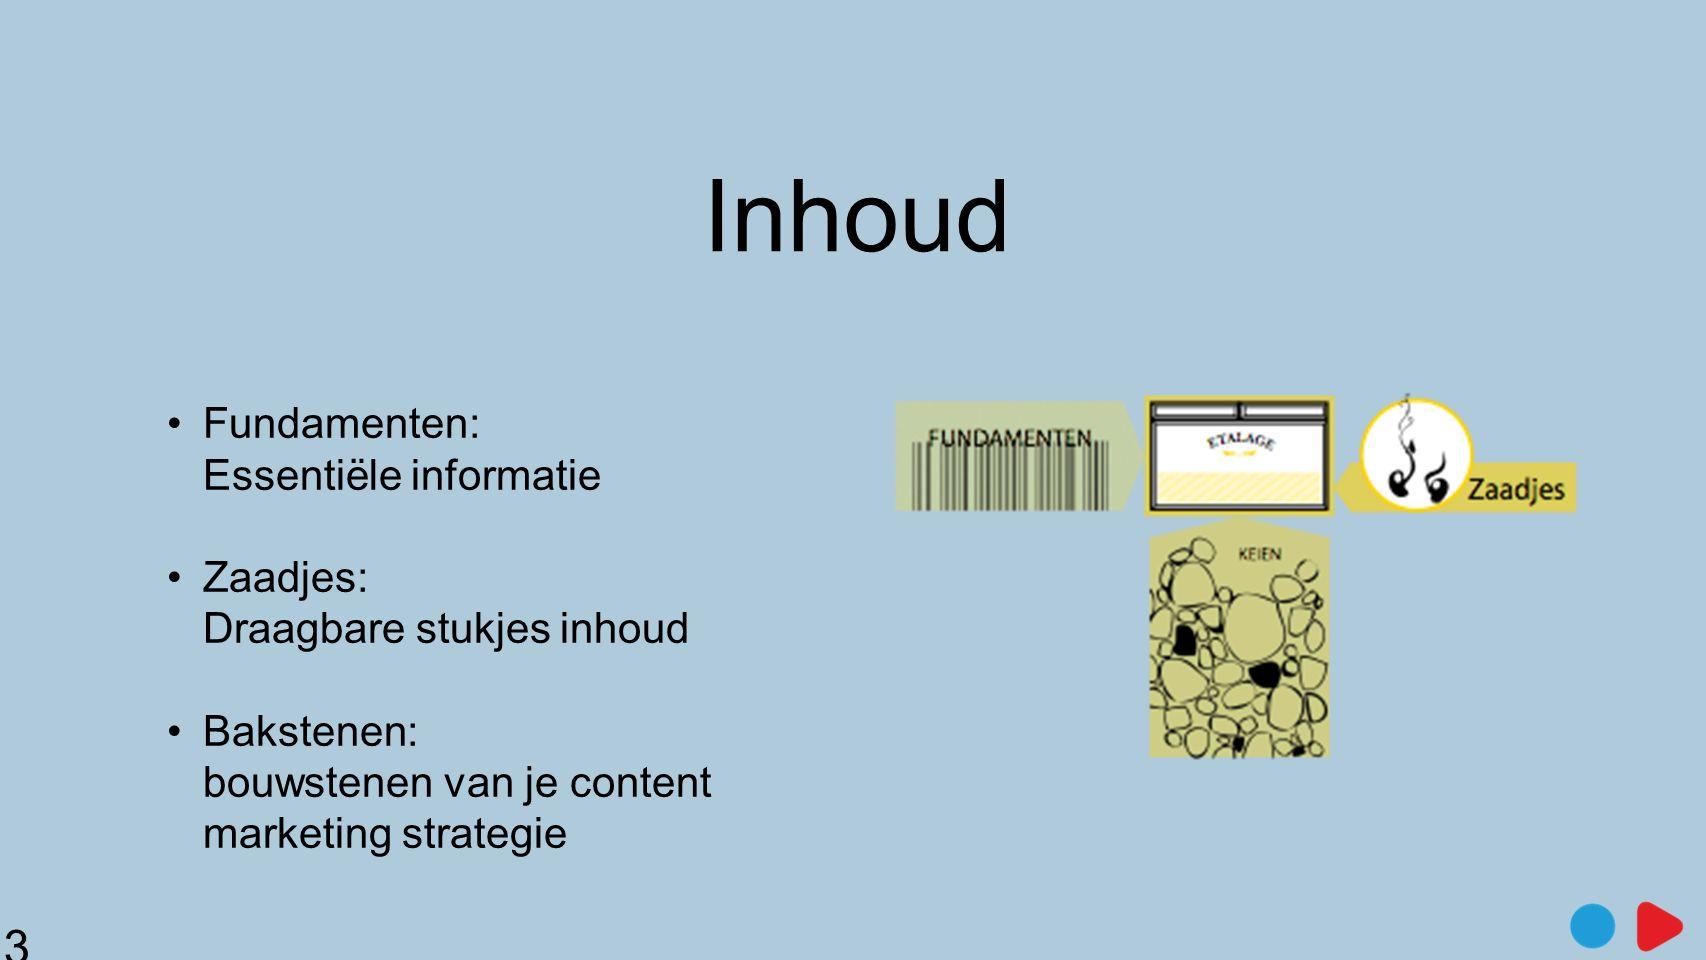 Inhoud Fundamenten: Essentiële informatie